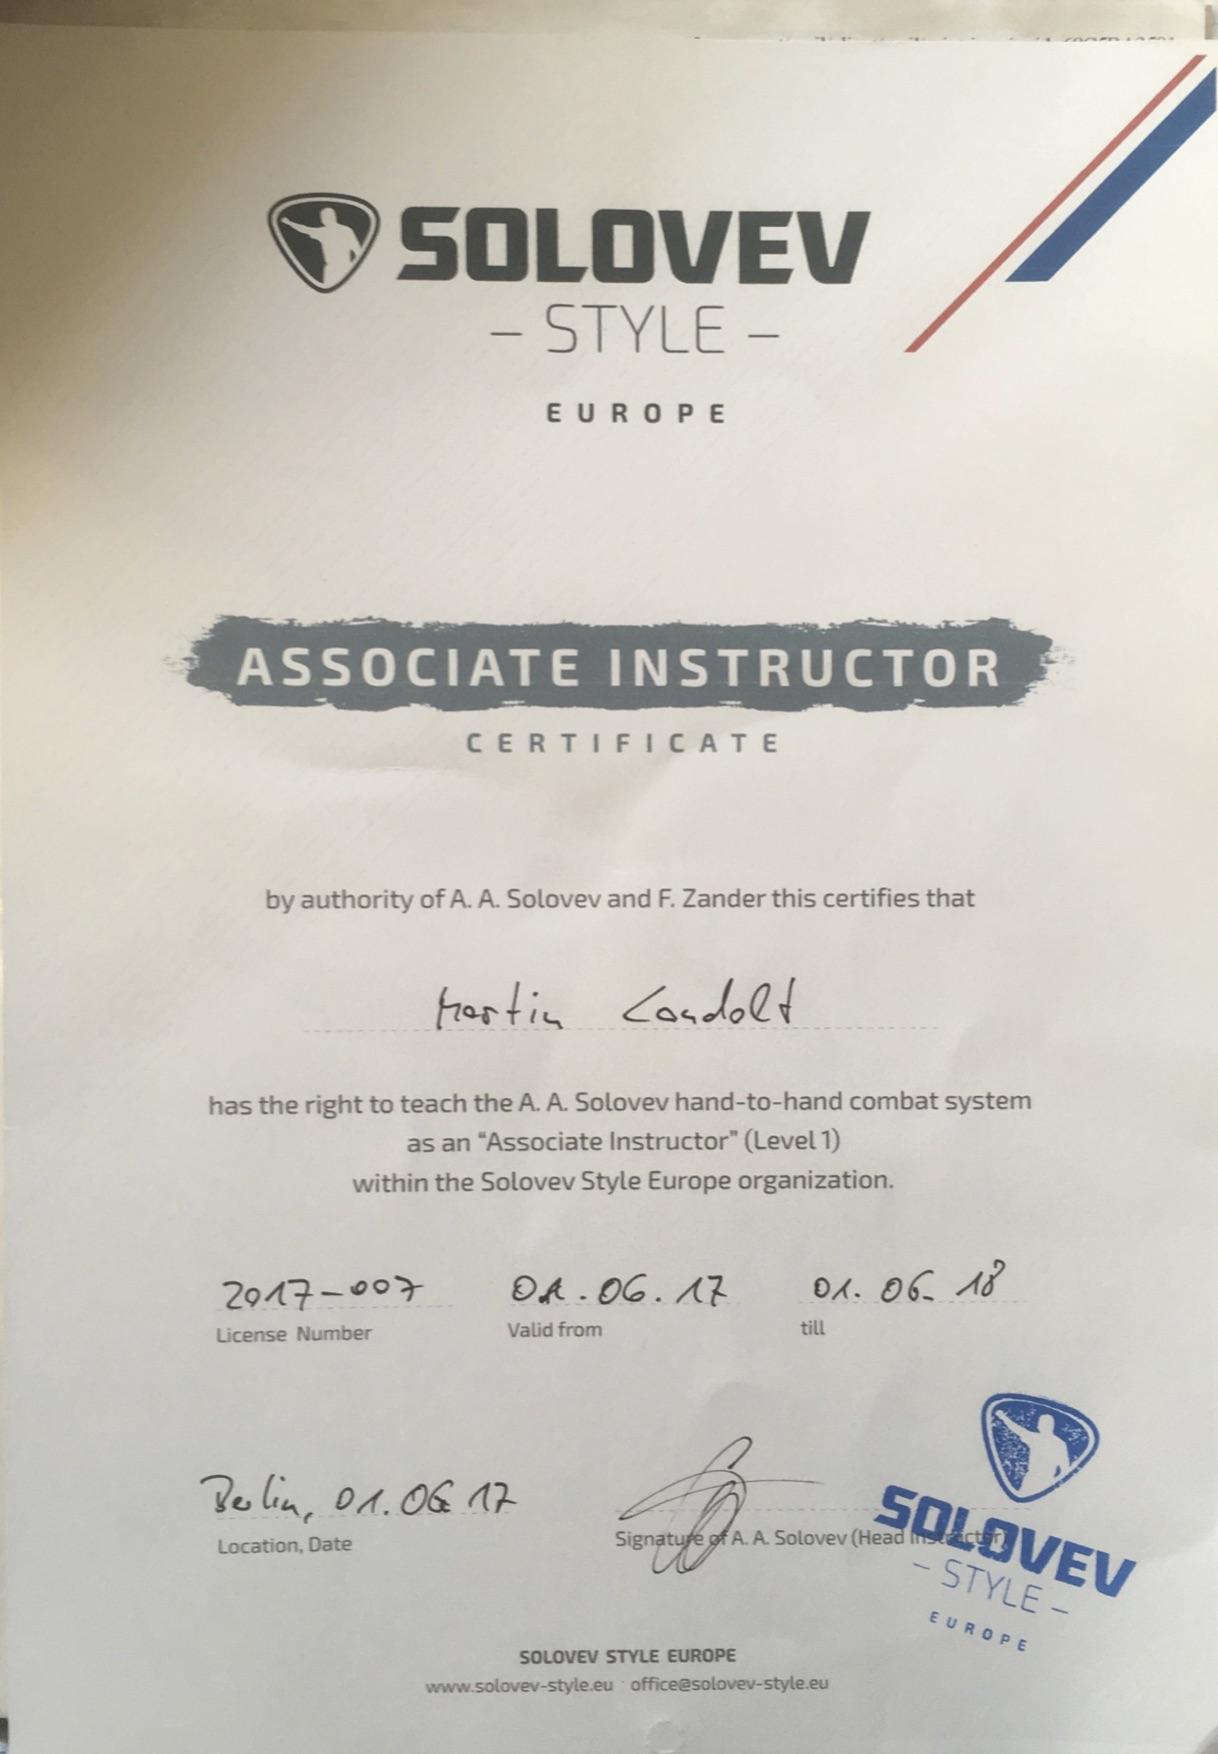 das Bild zeigt das Zertifikat des Trainers